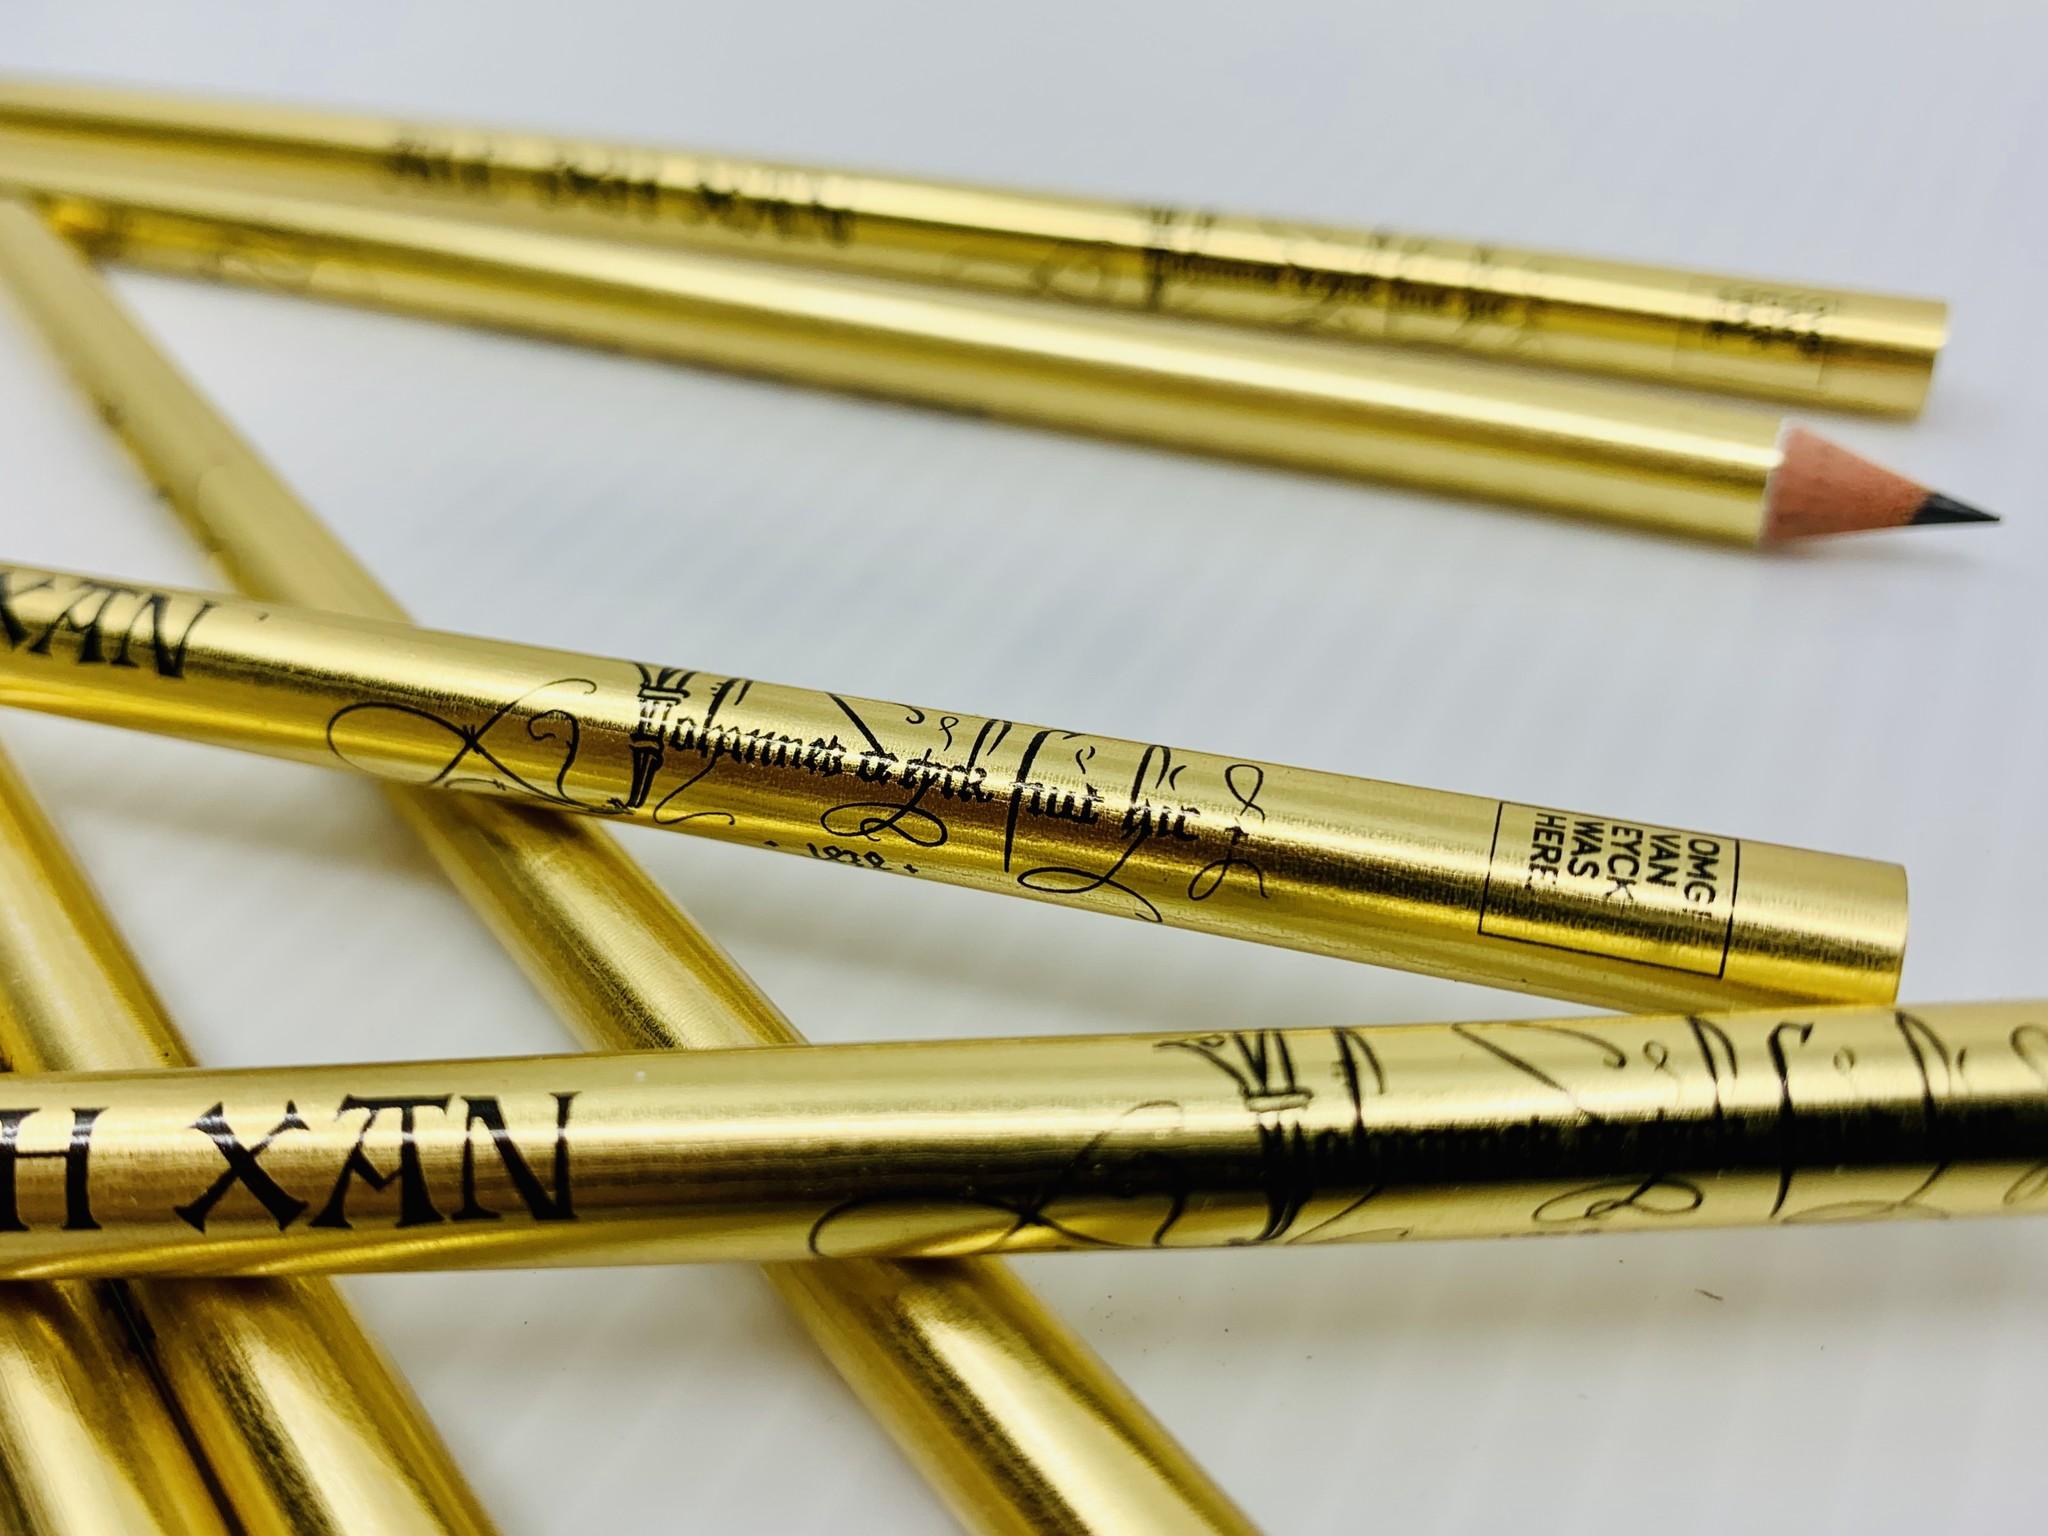 Van Eyck shop Pencil with signature and motto Van Eyck